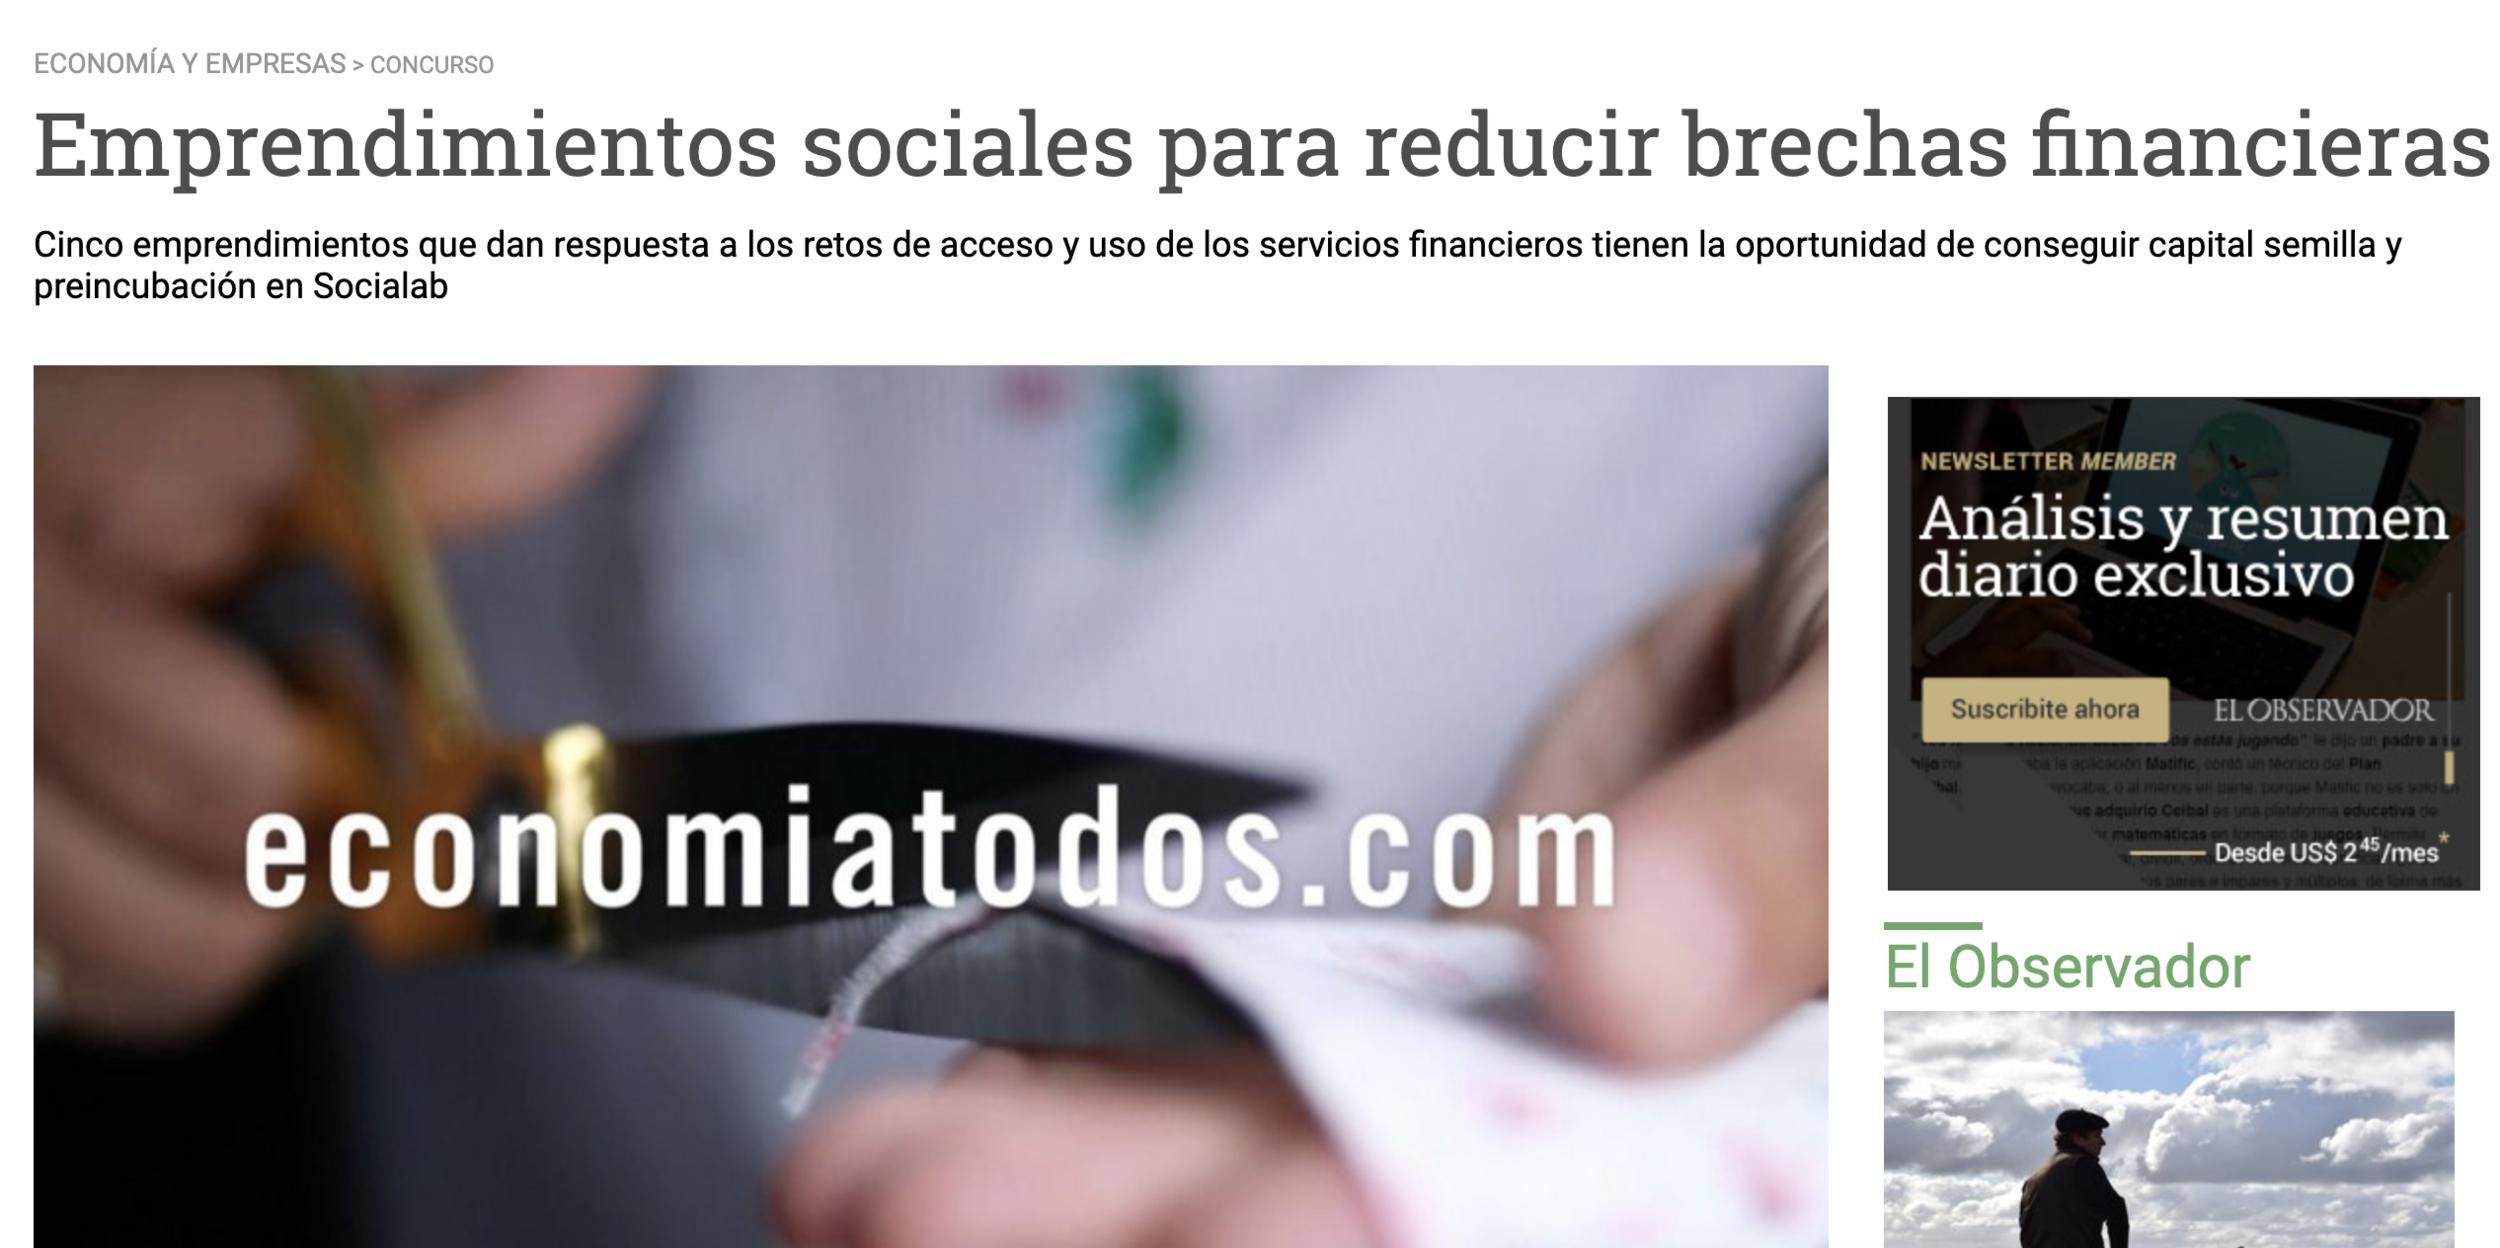 Emprendimientos sociales para reducir brechas financieras -